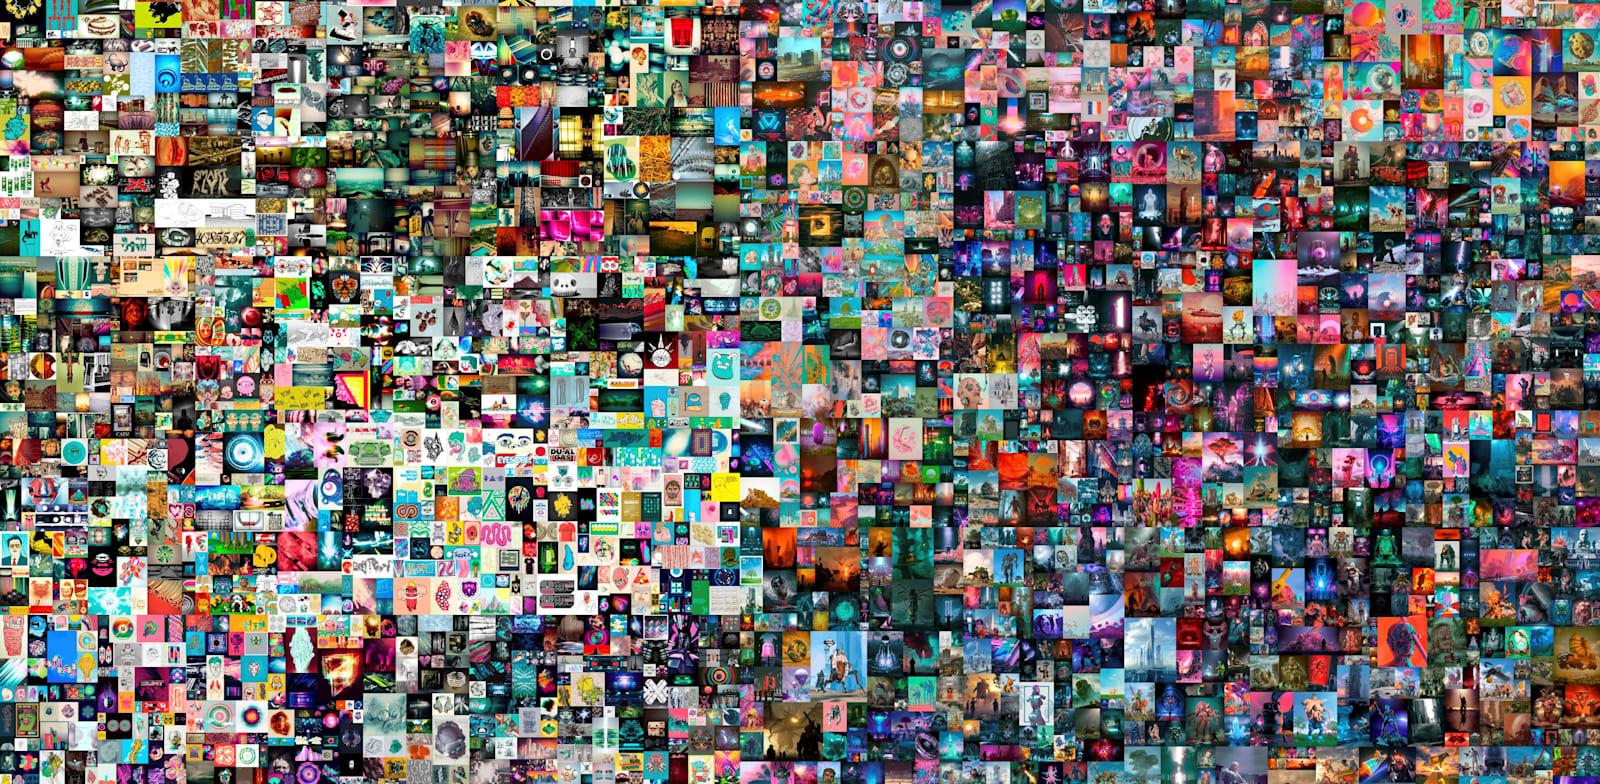 יצירה דיגטלית של האמן ביפל שנמכרה ב-69 מיליון דולר כחלק מטרנד ה-NFT / צילום: Reuters, CHRISTIE'S IMAGES LTD. 2021/BEEP